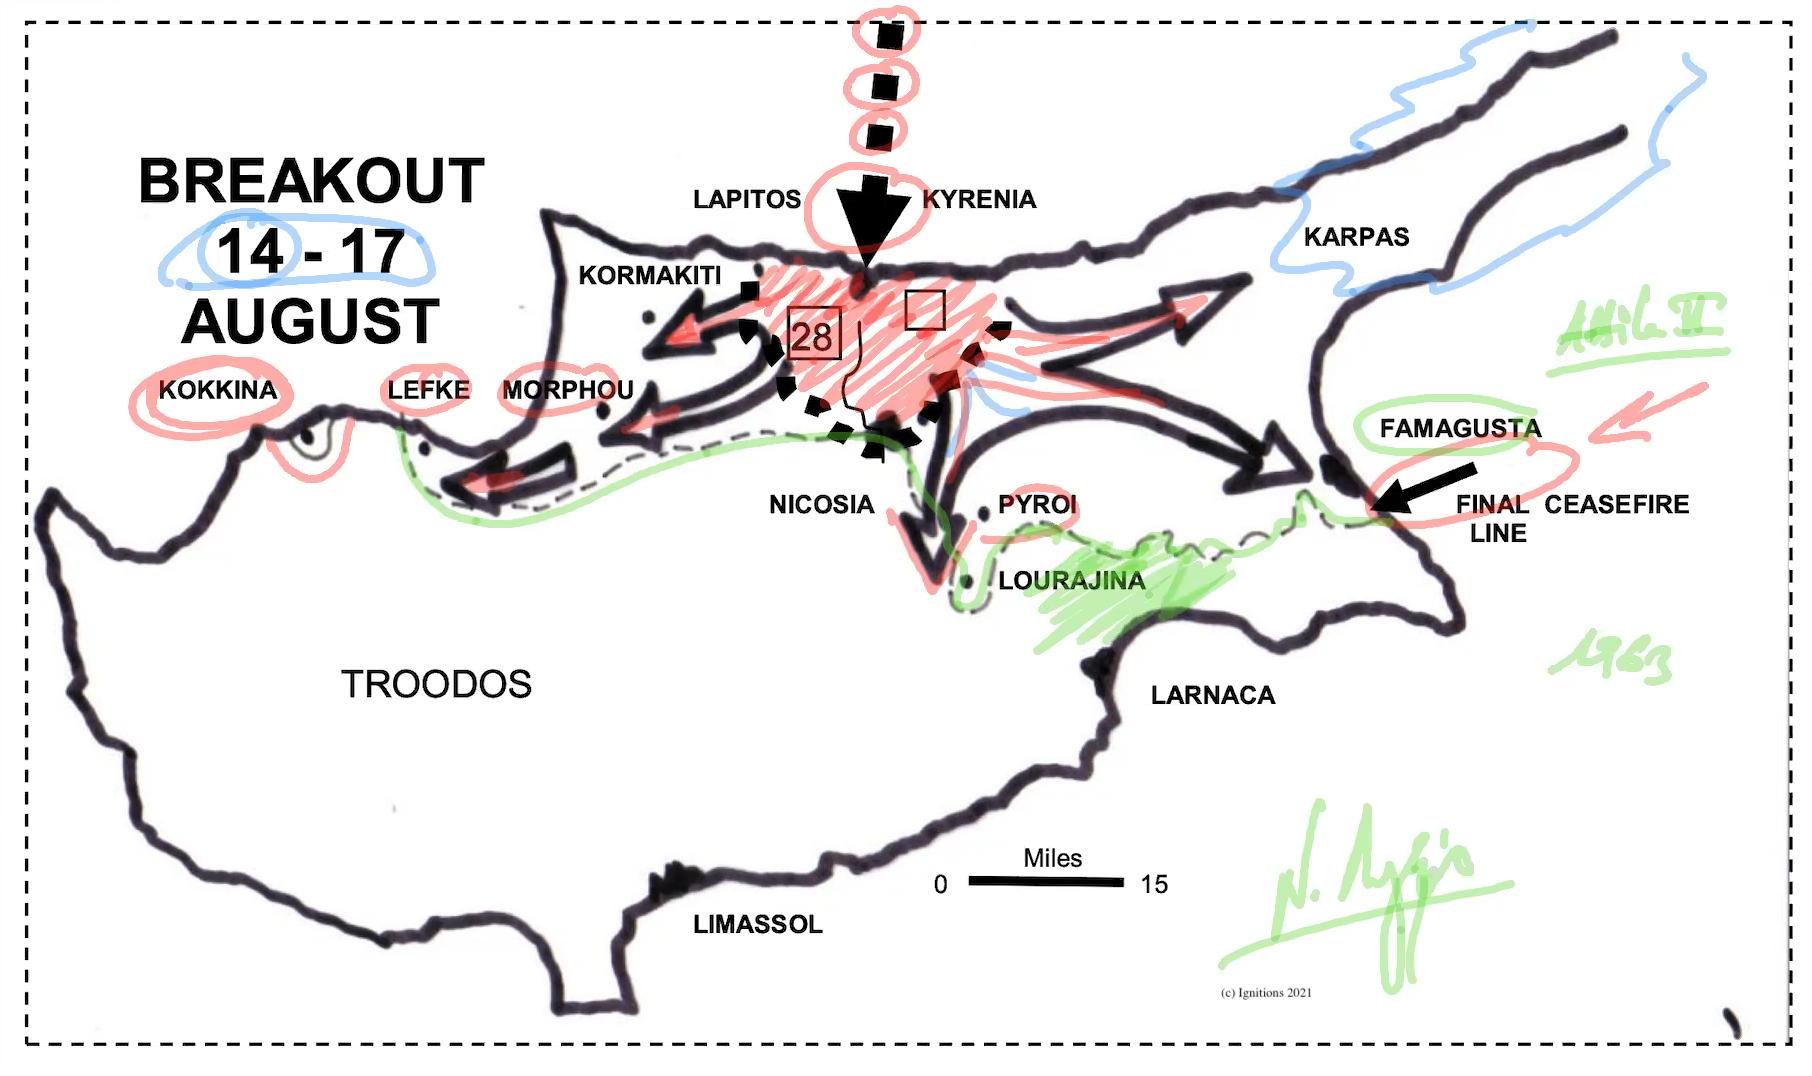 63520 - e-Masterclass VIII: Η Μάχη της Κύπρου. Covid Free. (Dessin)